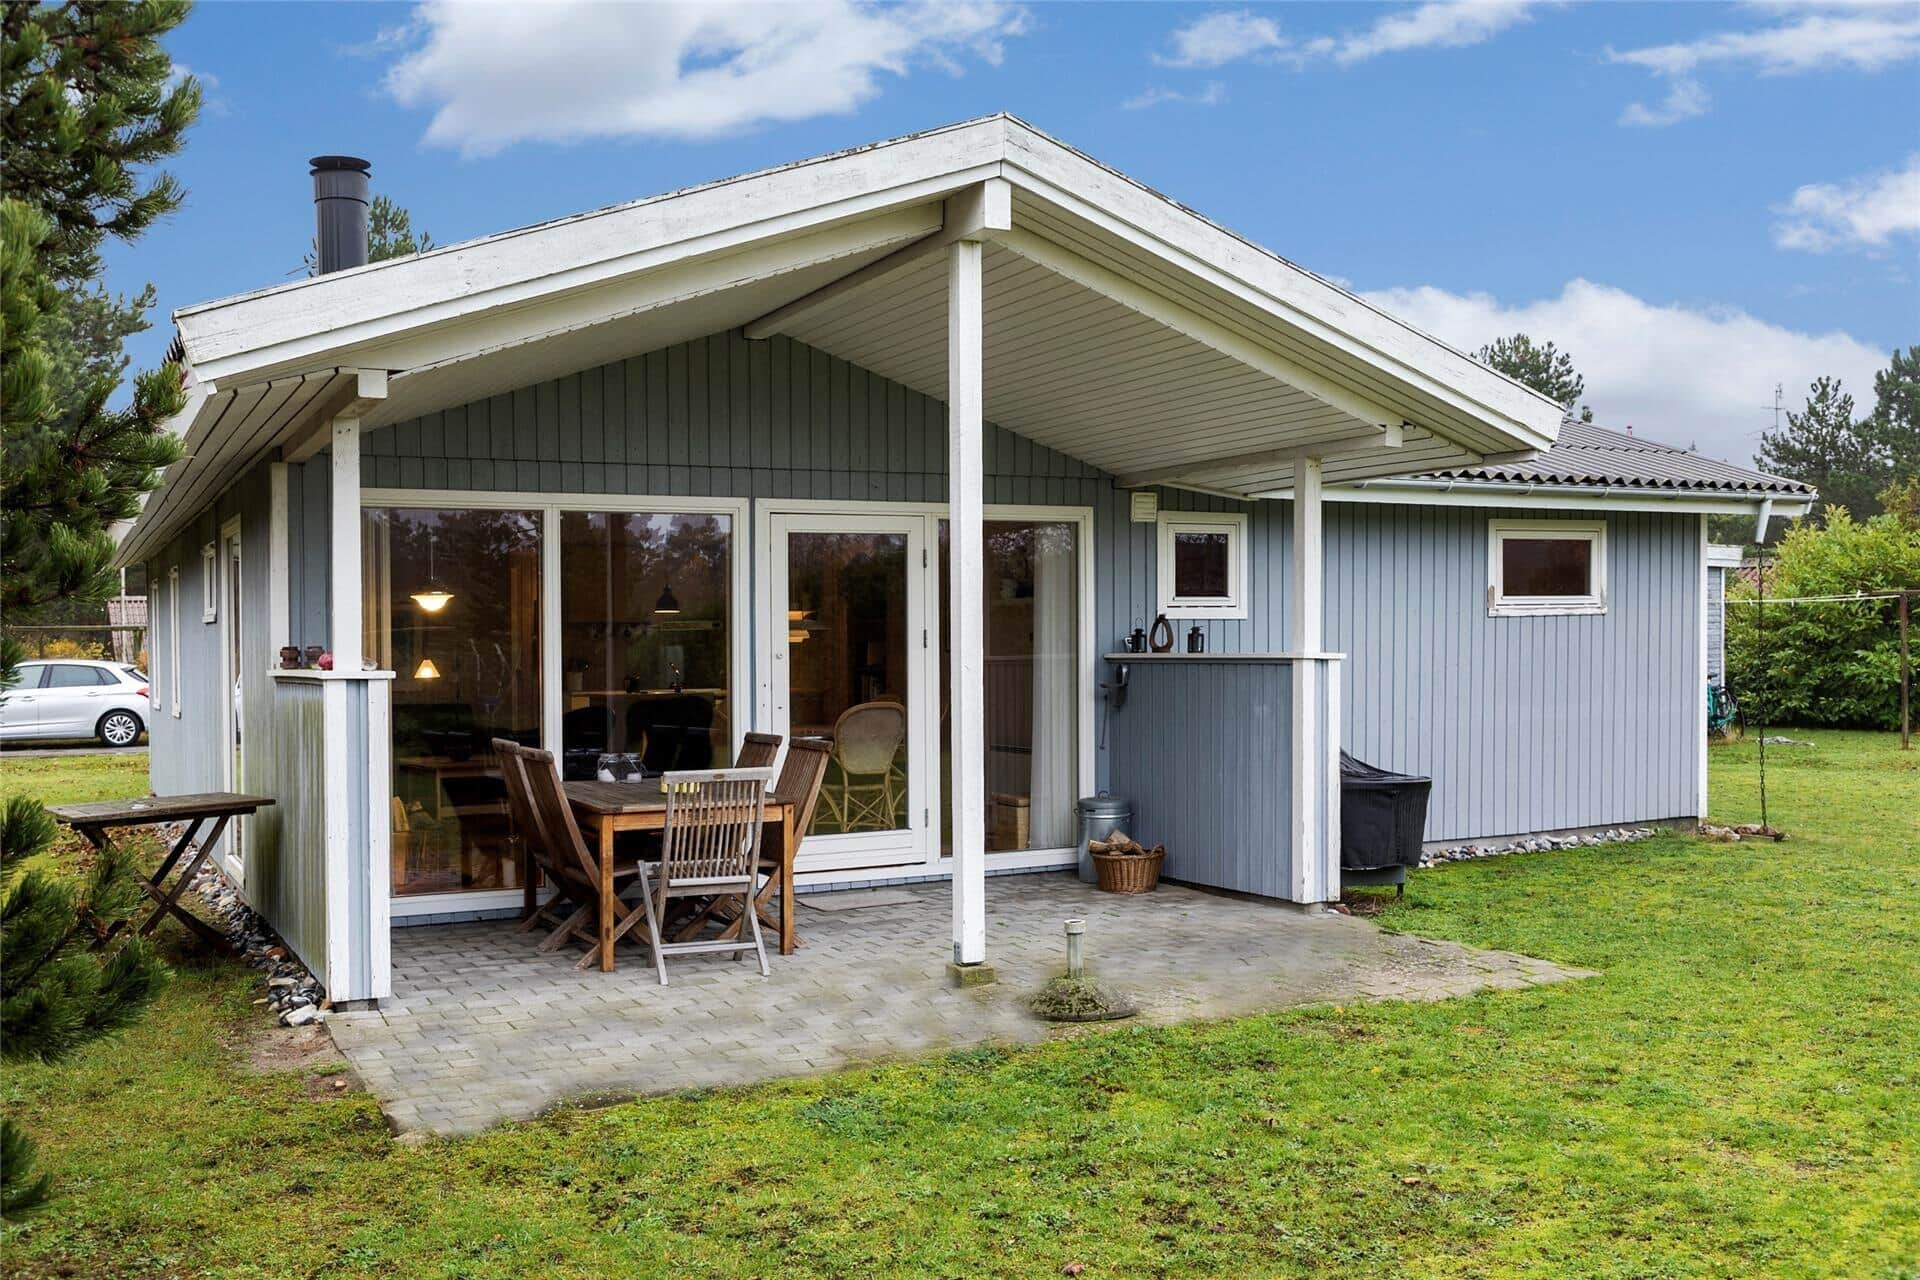 Billede 1-174 Sommerhus M21011, Bynkevejen 30, DK - 4874 Gedser